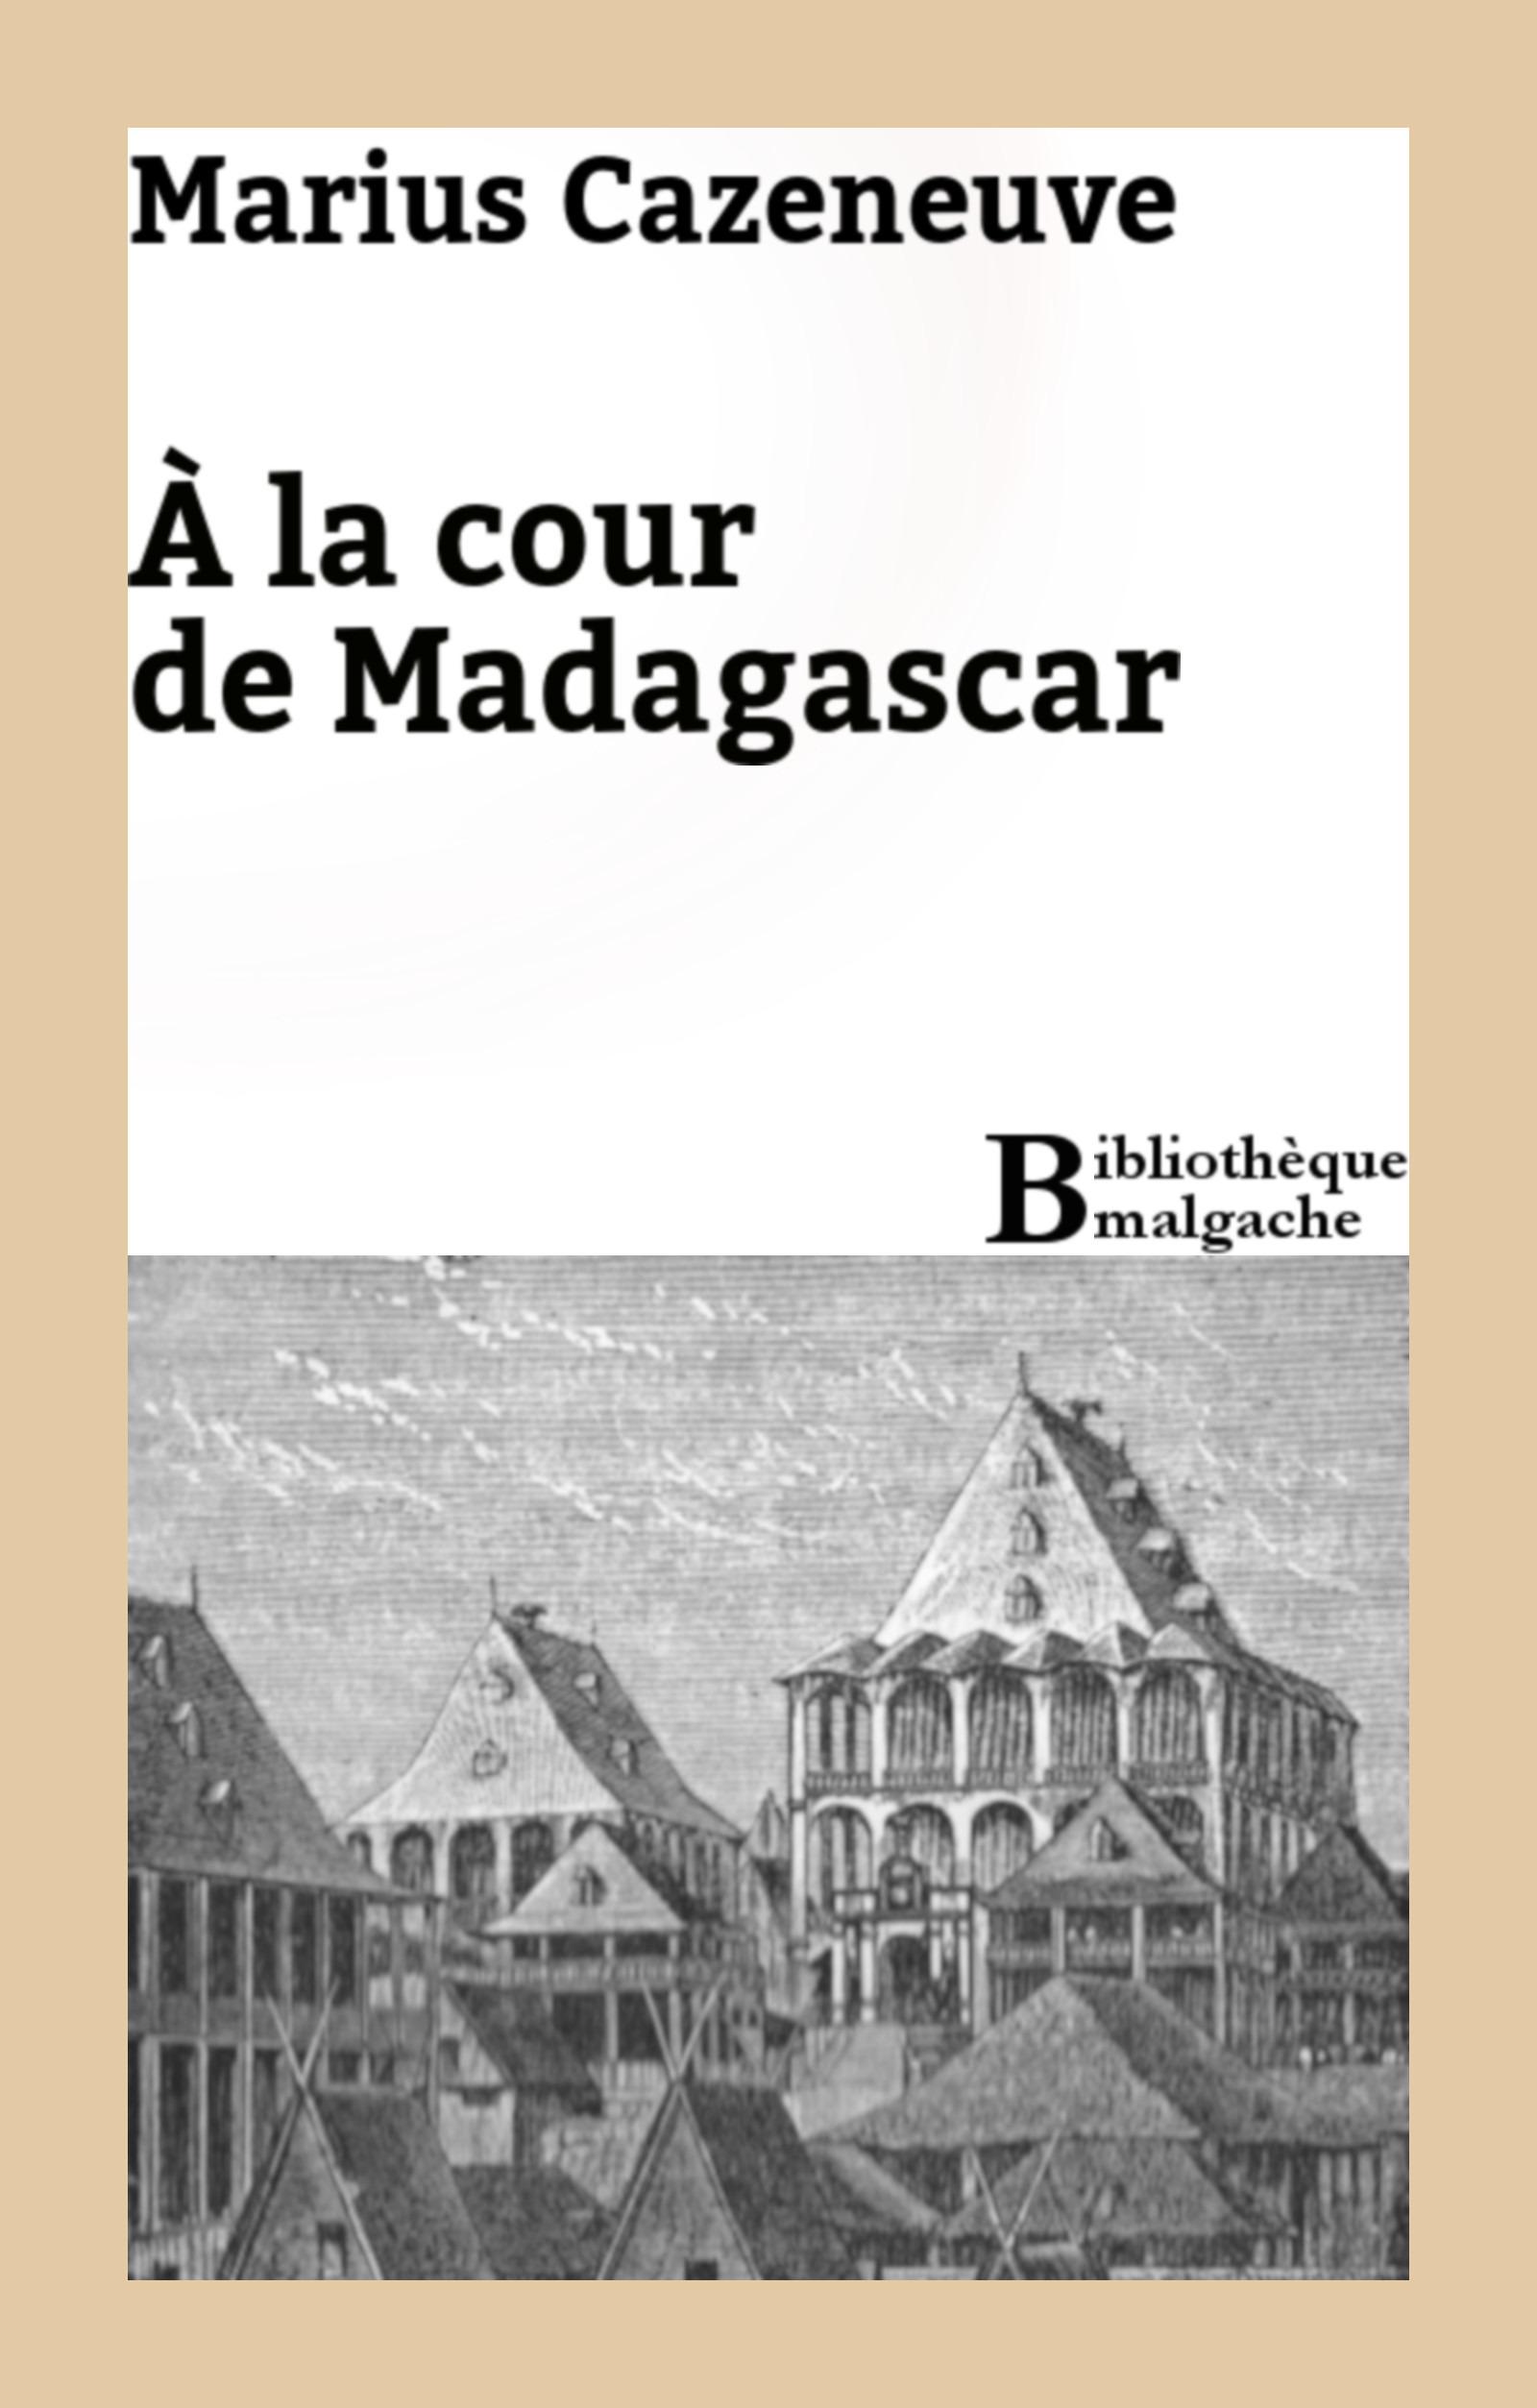 A la cour de Madagascar